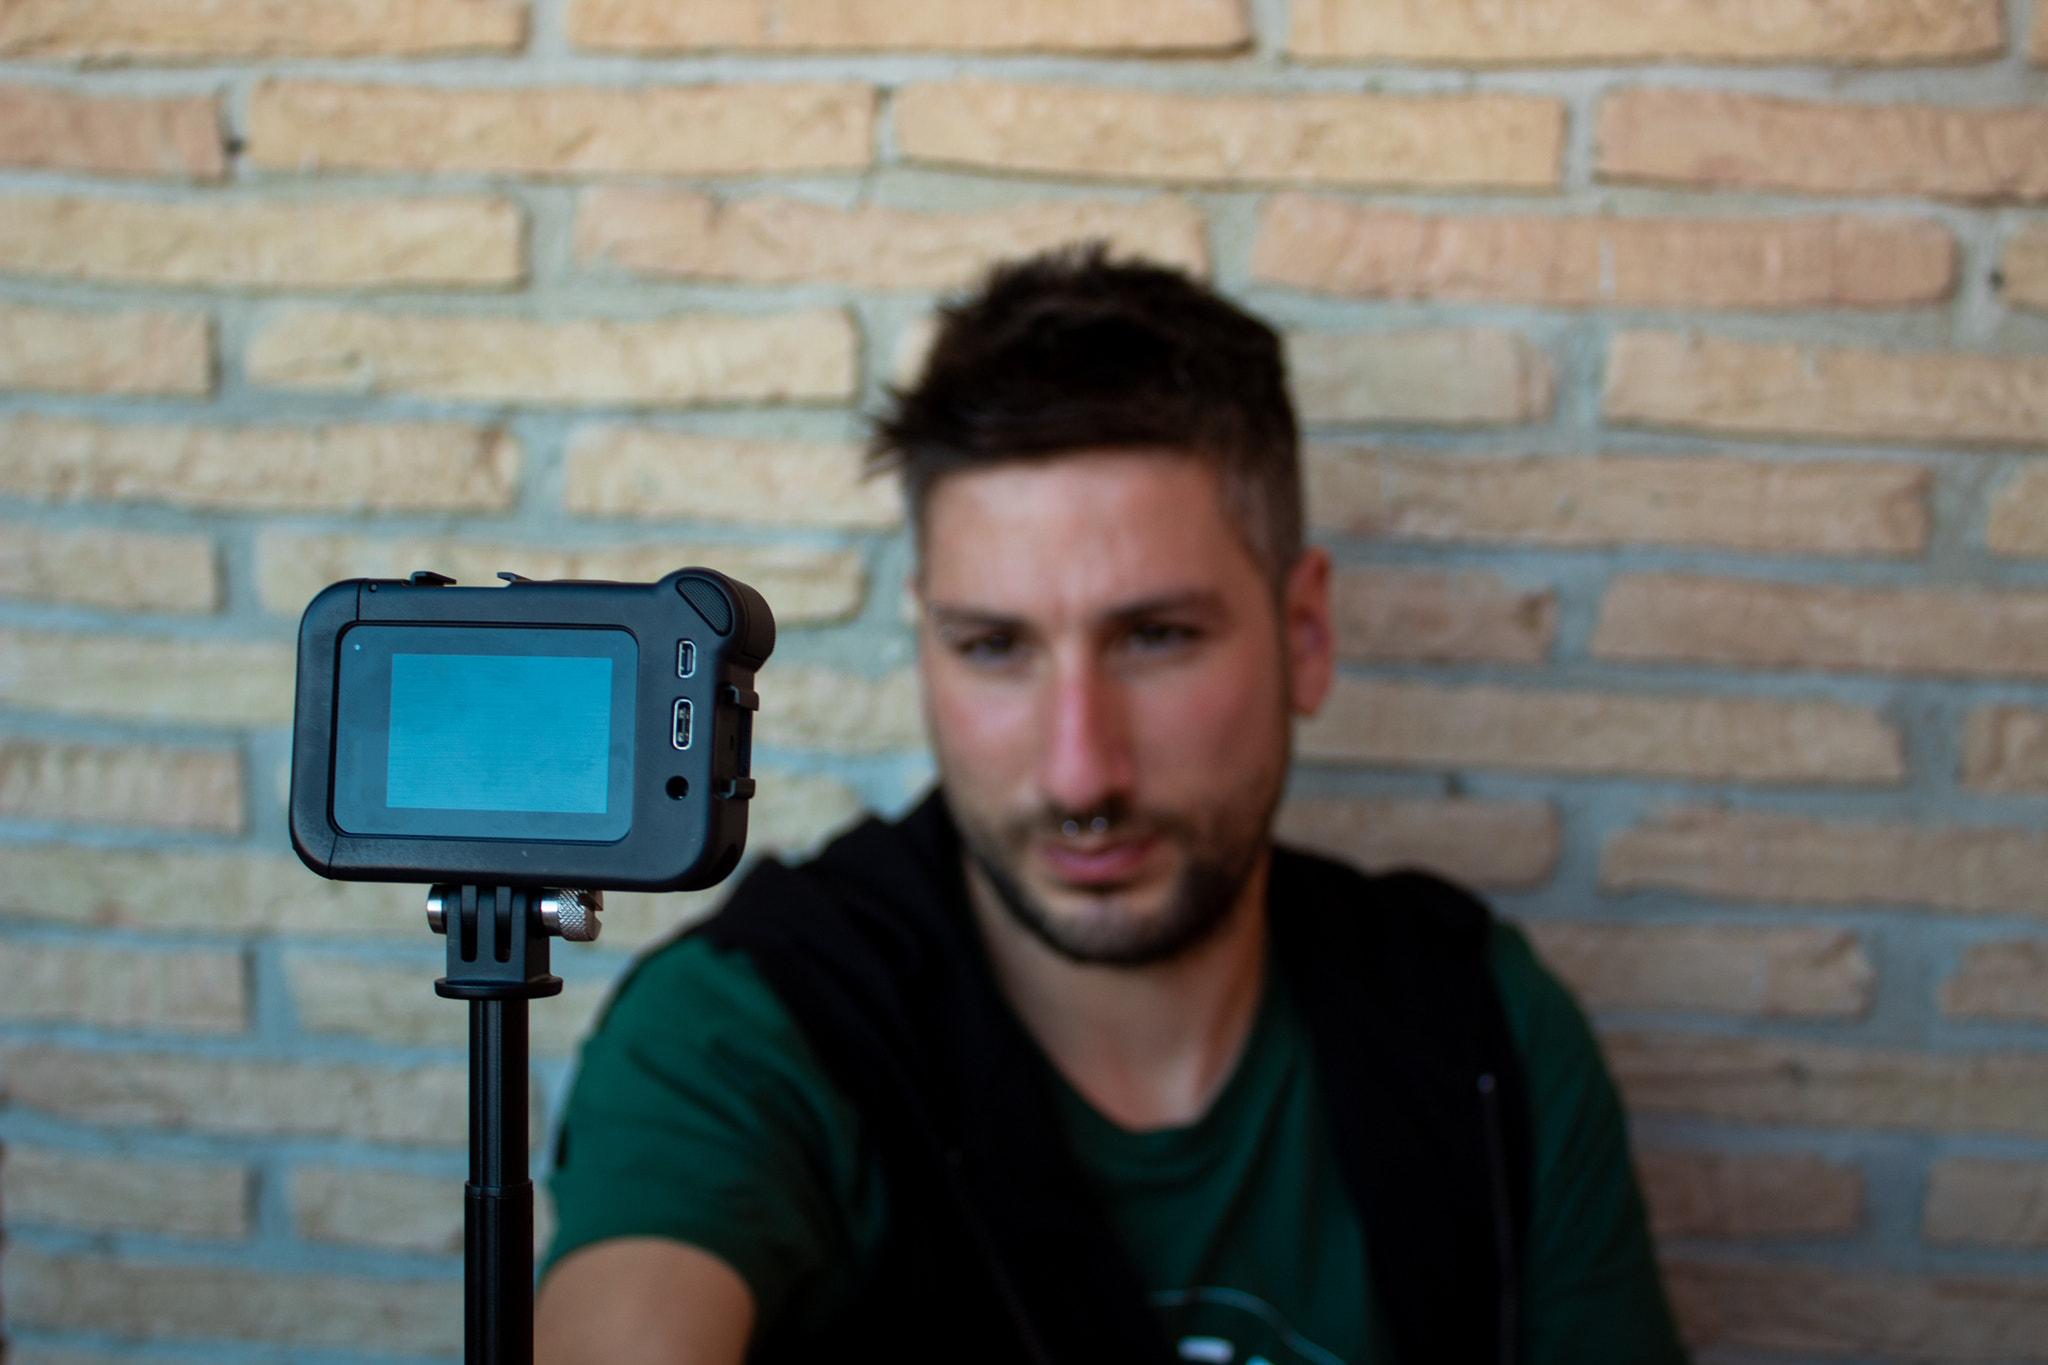 Social media influencer using the camera.